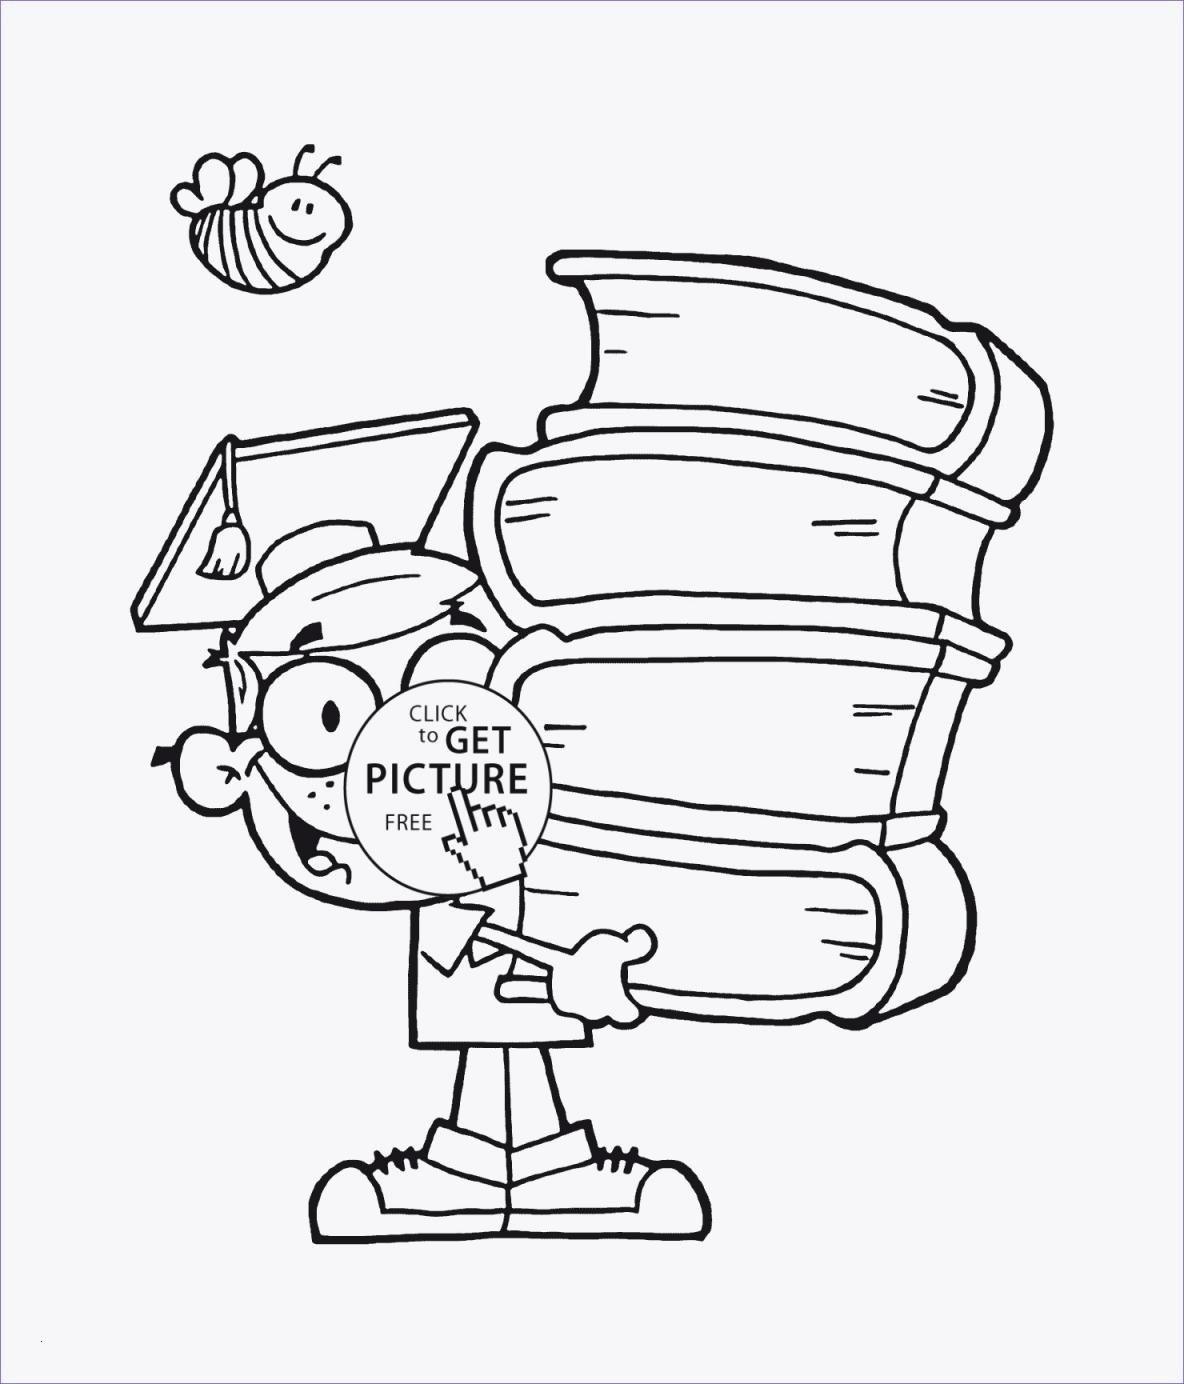 Micky Maus Malvorlage Neu 32 Micky Maus Malvorlagen Scoredatscore Einzigartig Minni Maus Baby Bilder